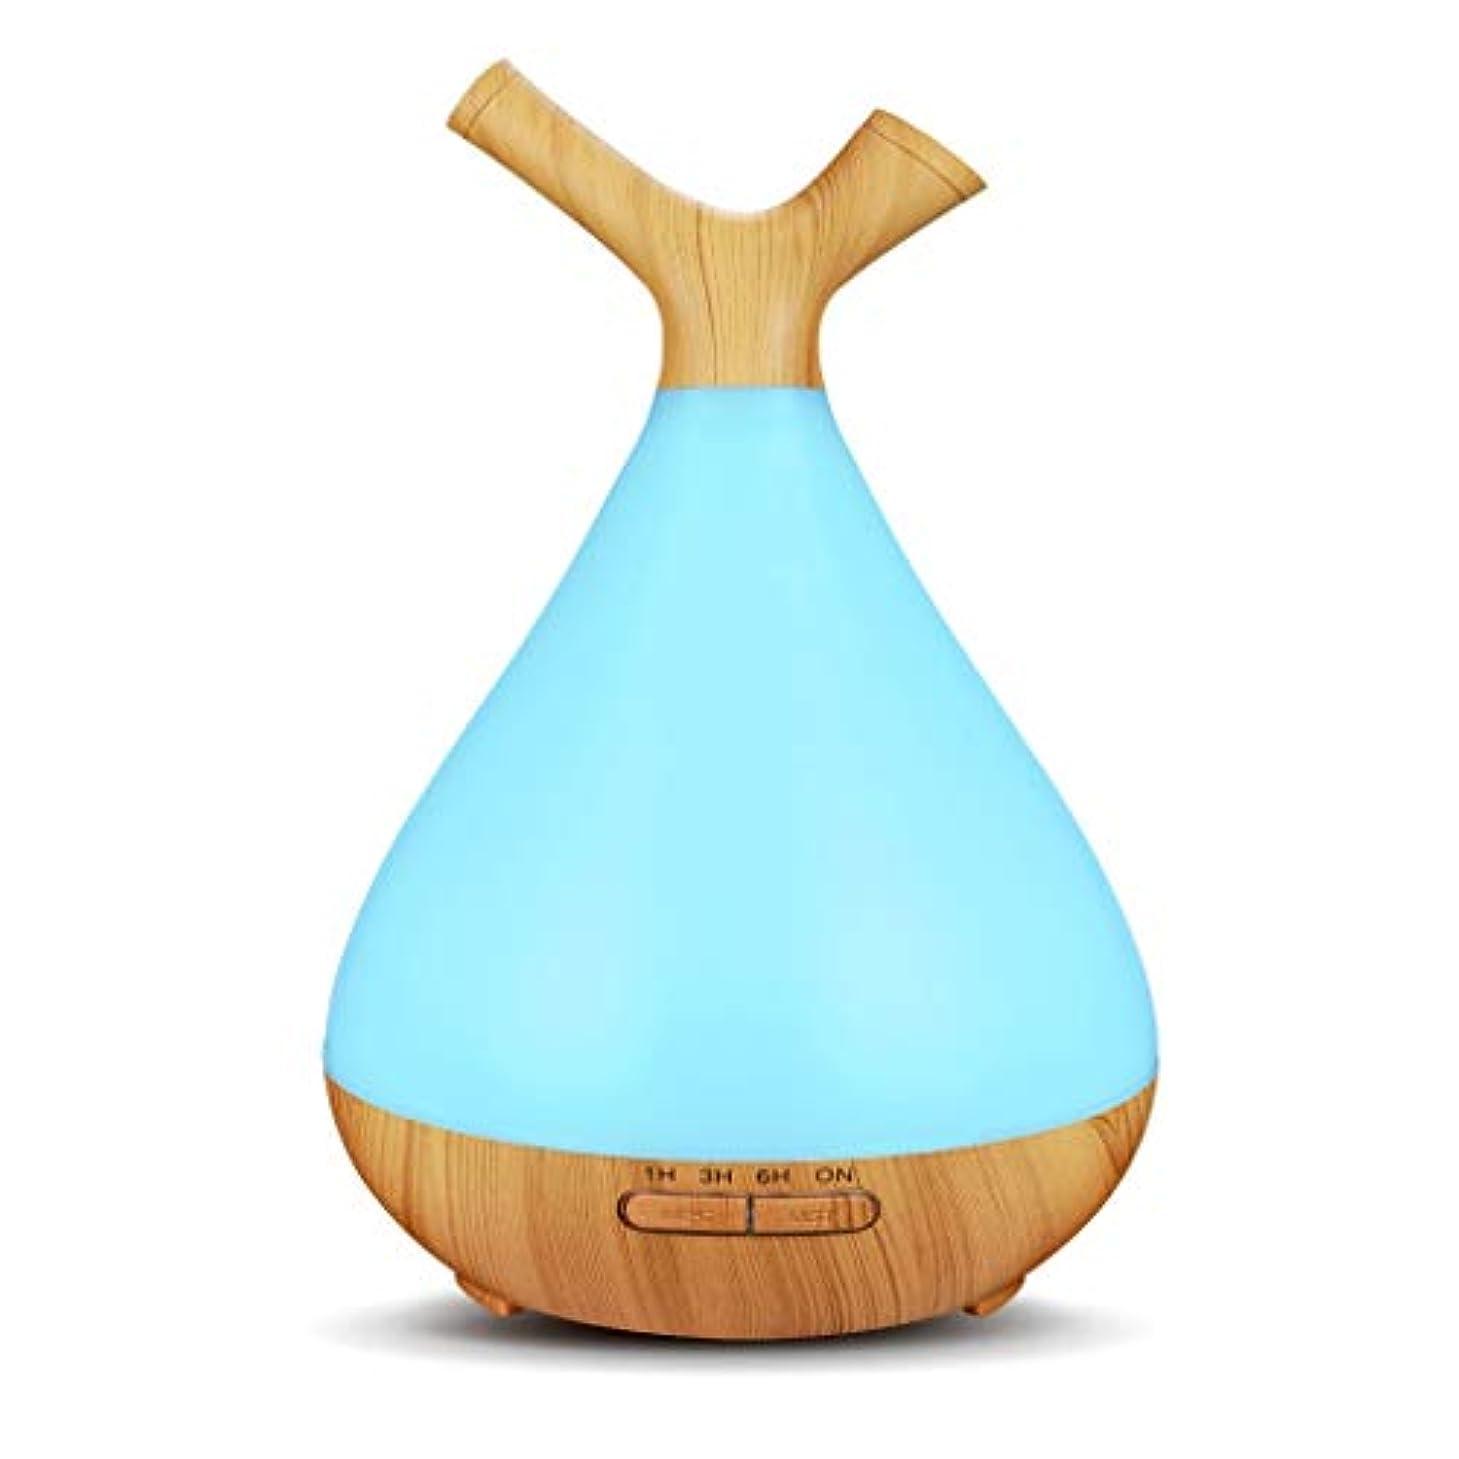 地雷原スペクトラム献身必須の拡散器の木製の穀物、居間の研究の寝室のオフィスのためのCoolClassic 400mlの木のタイプ加湿器、小さくそして絶妙な空気清浄器、 (Color : Light wood grain)